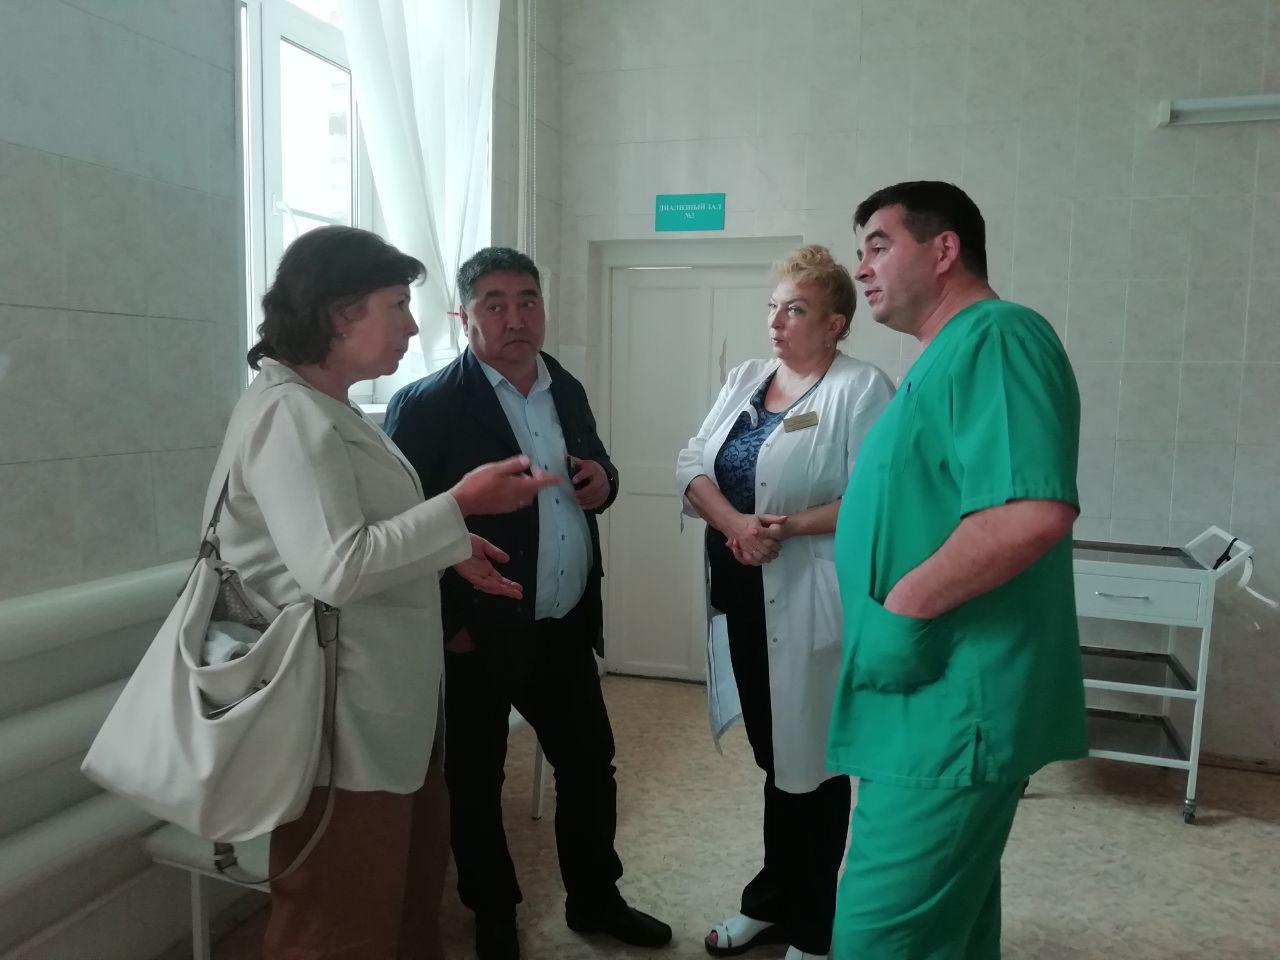 Нефрологический центр в Каменске-Уральском оснастят новейшим оборудованием